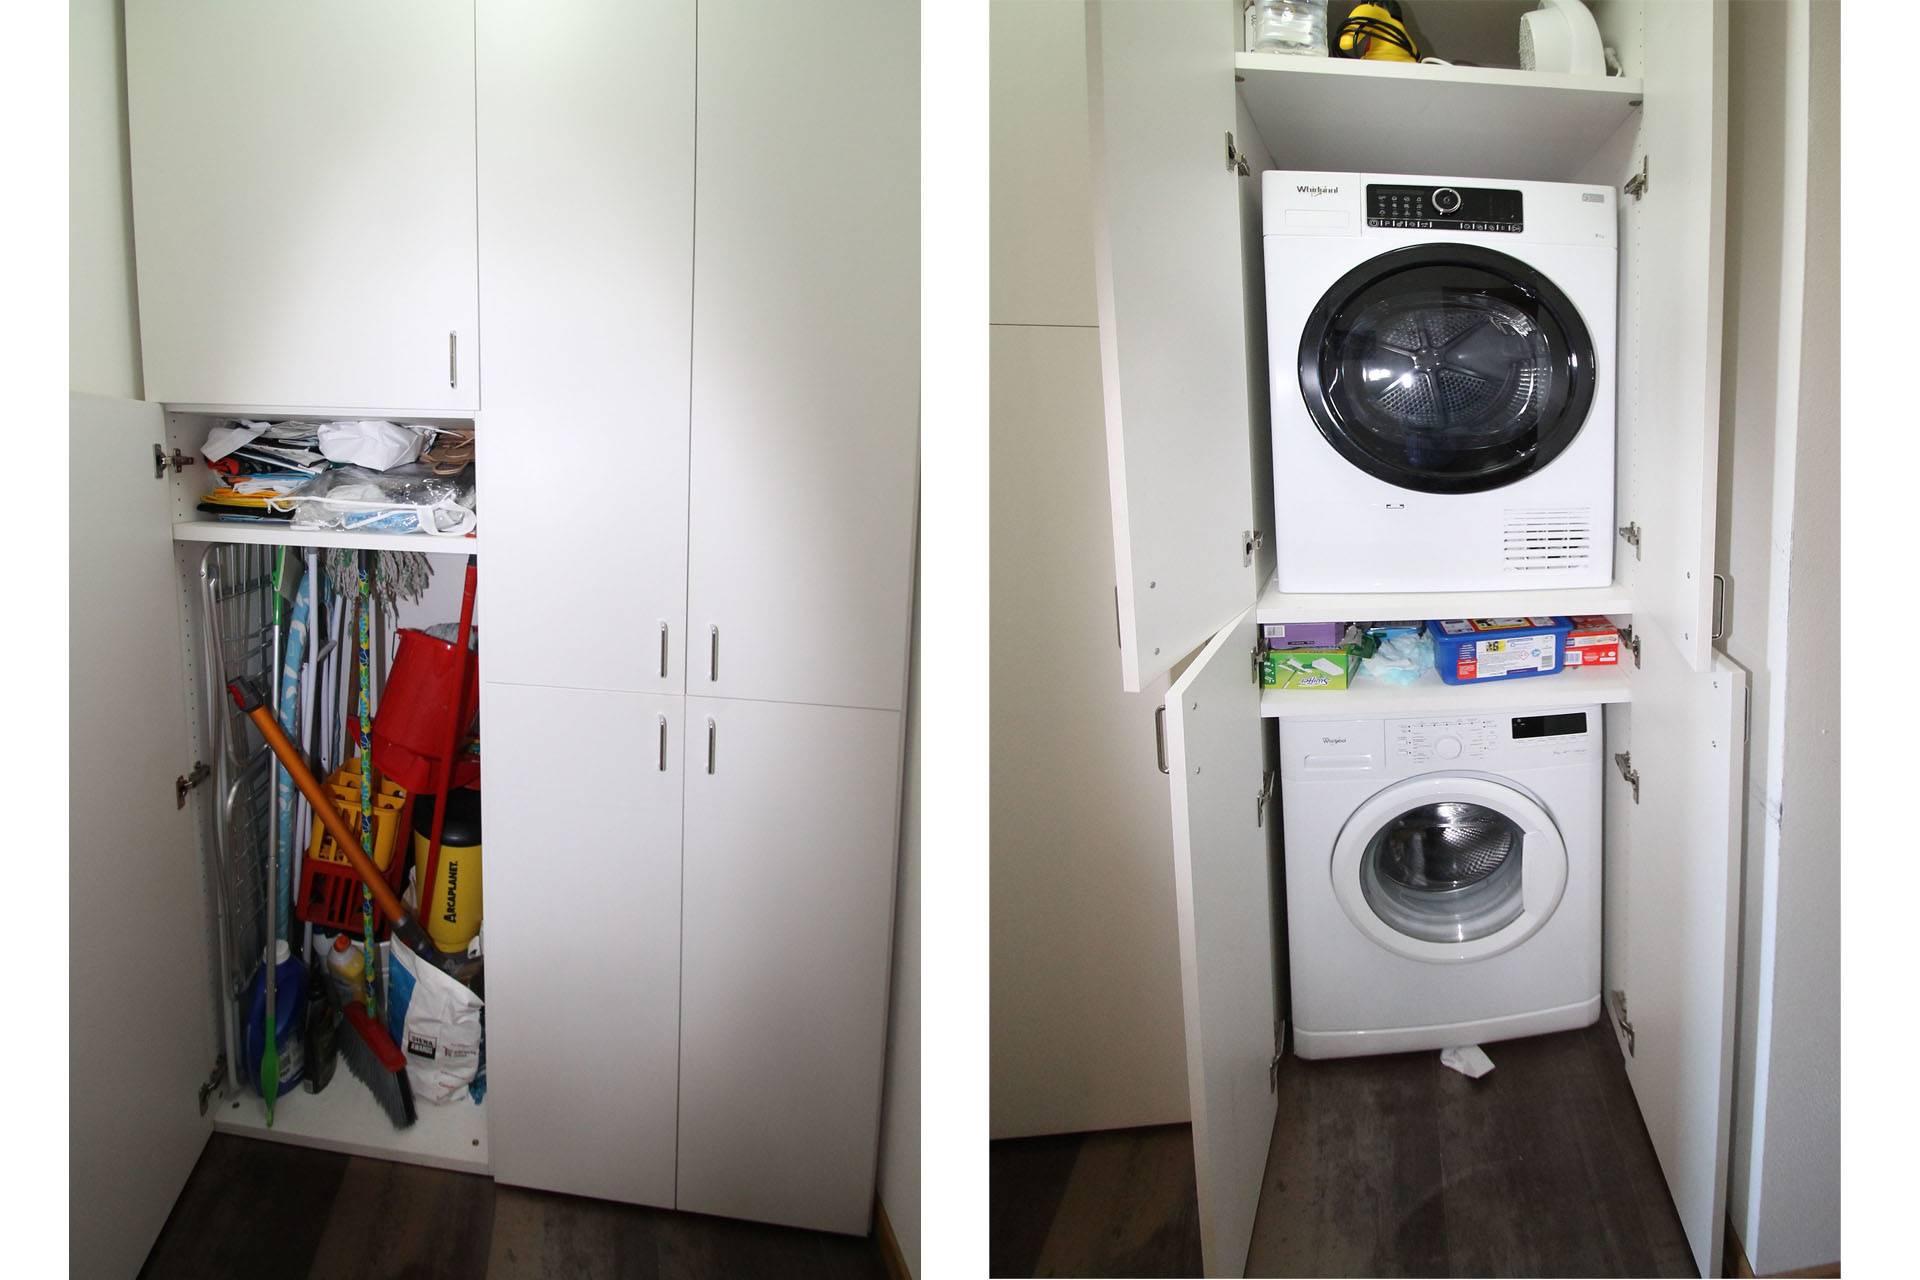 R94-disimpegno-lavanderia